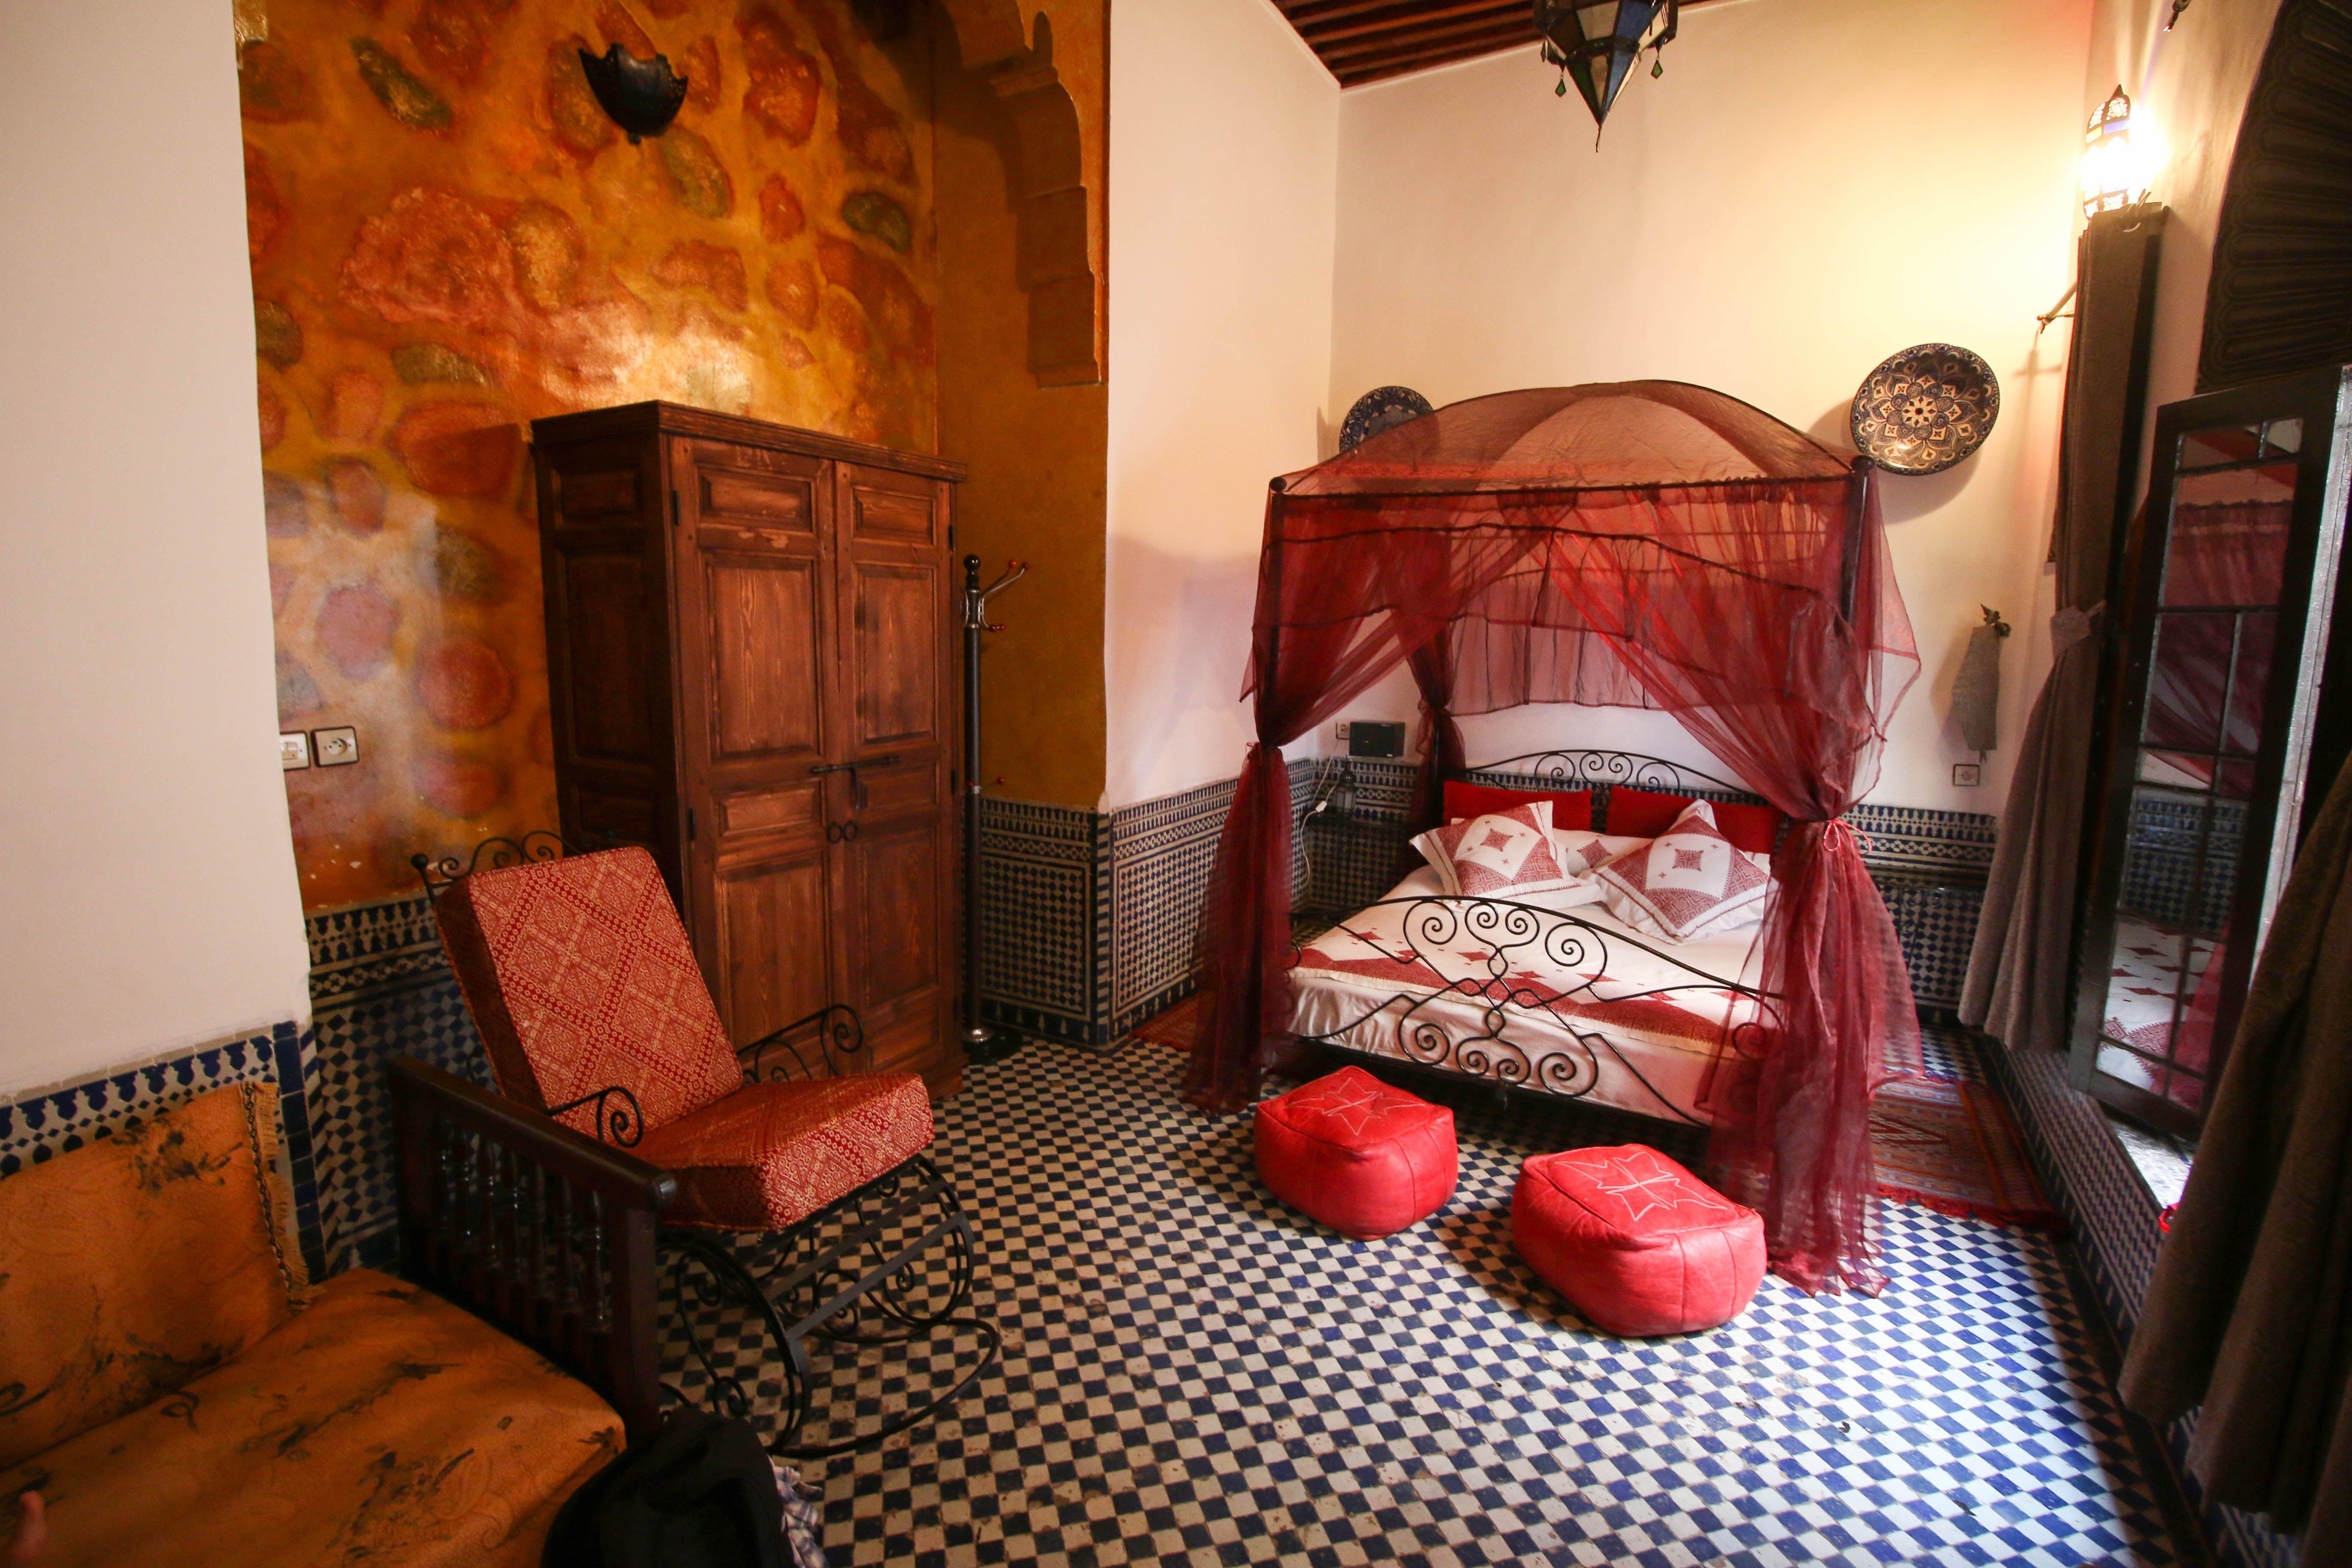 A room in a riad